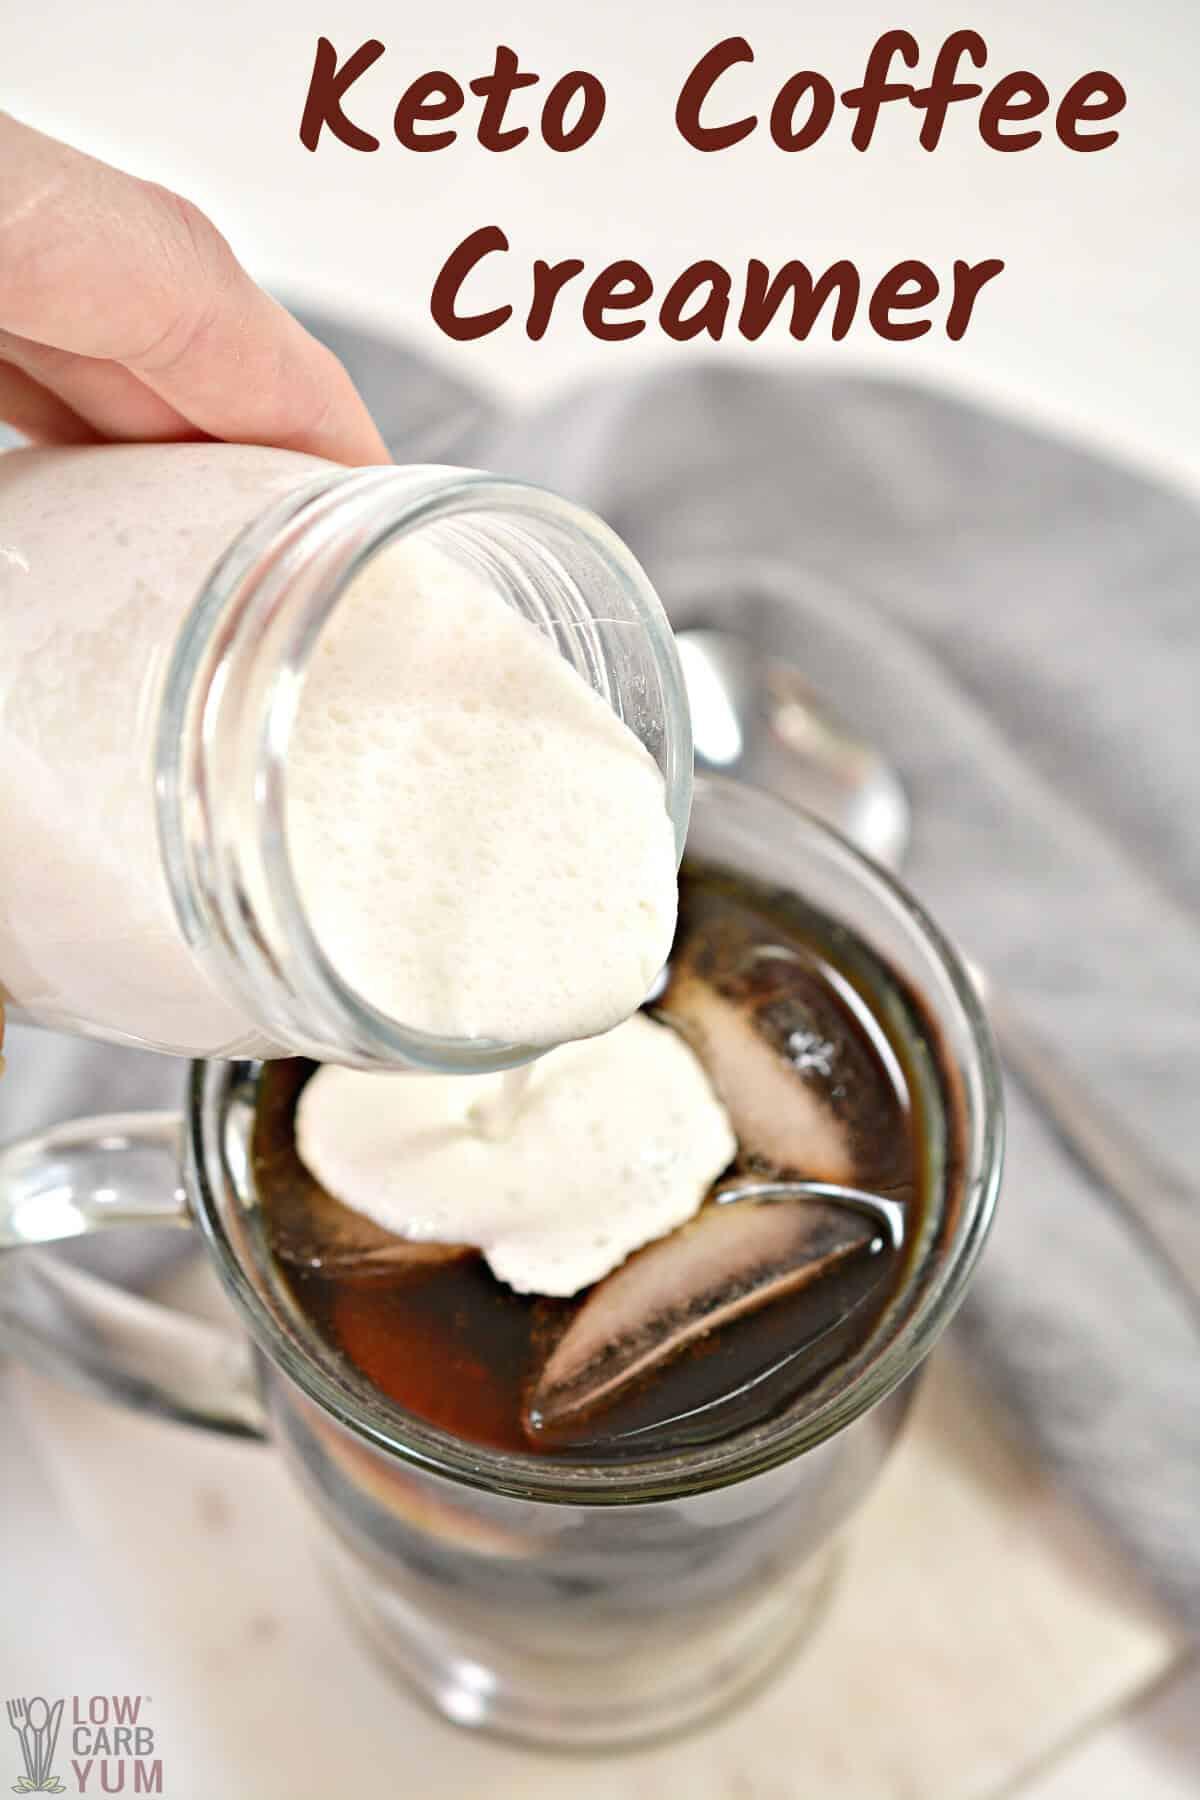 keto coffee creamer recipe cover image